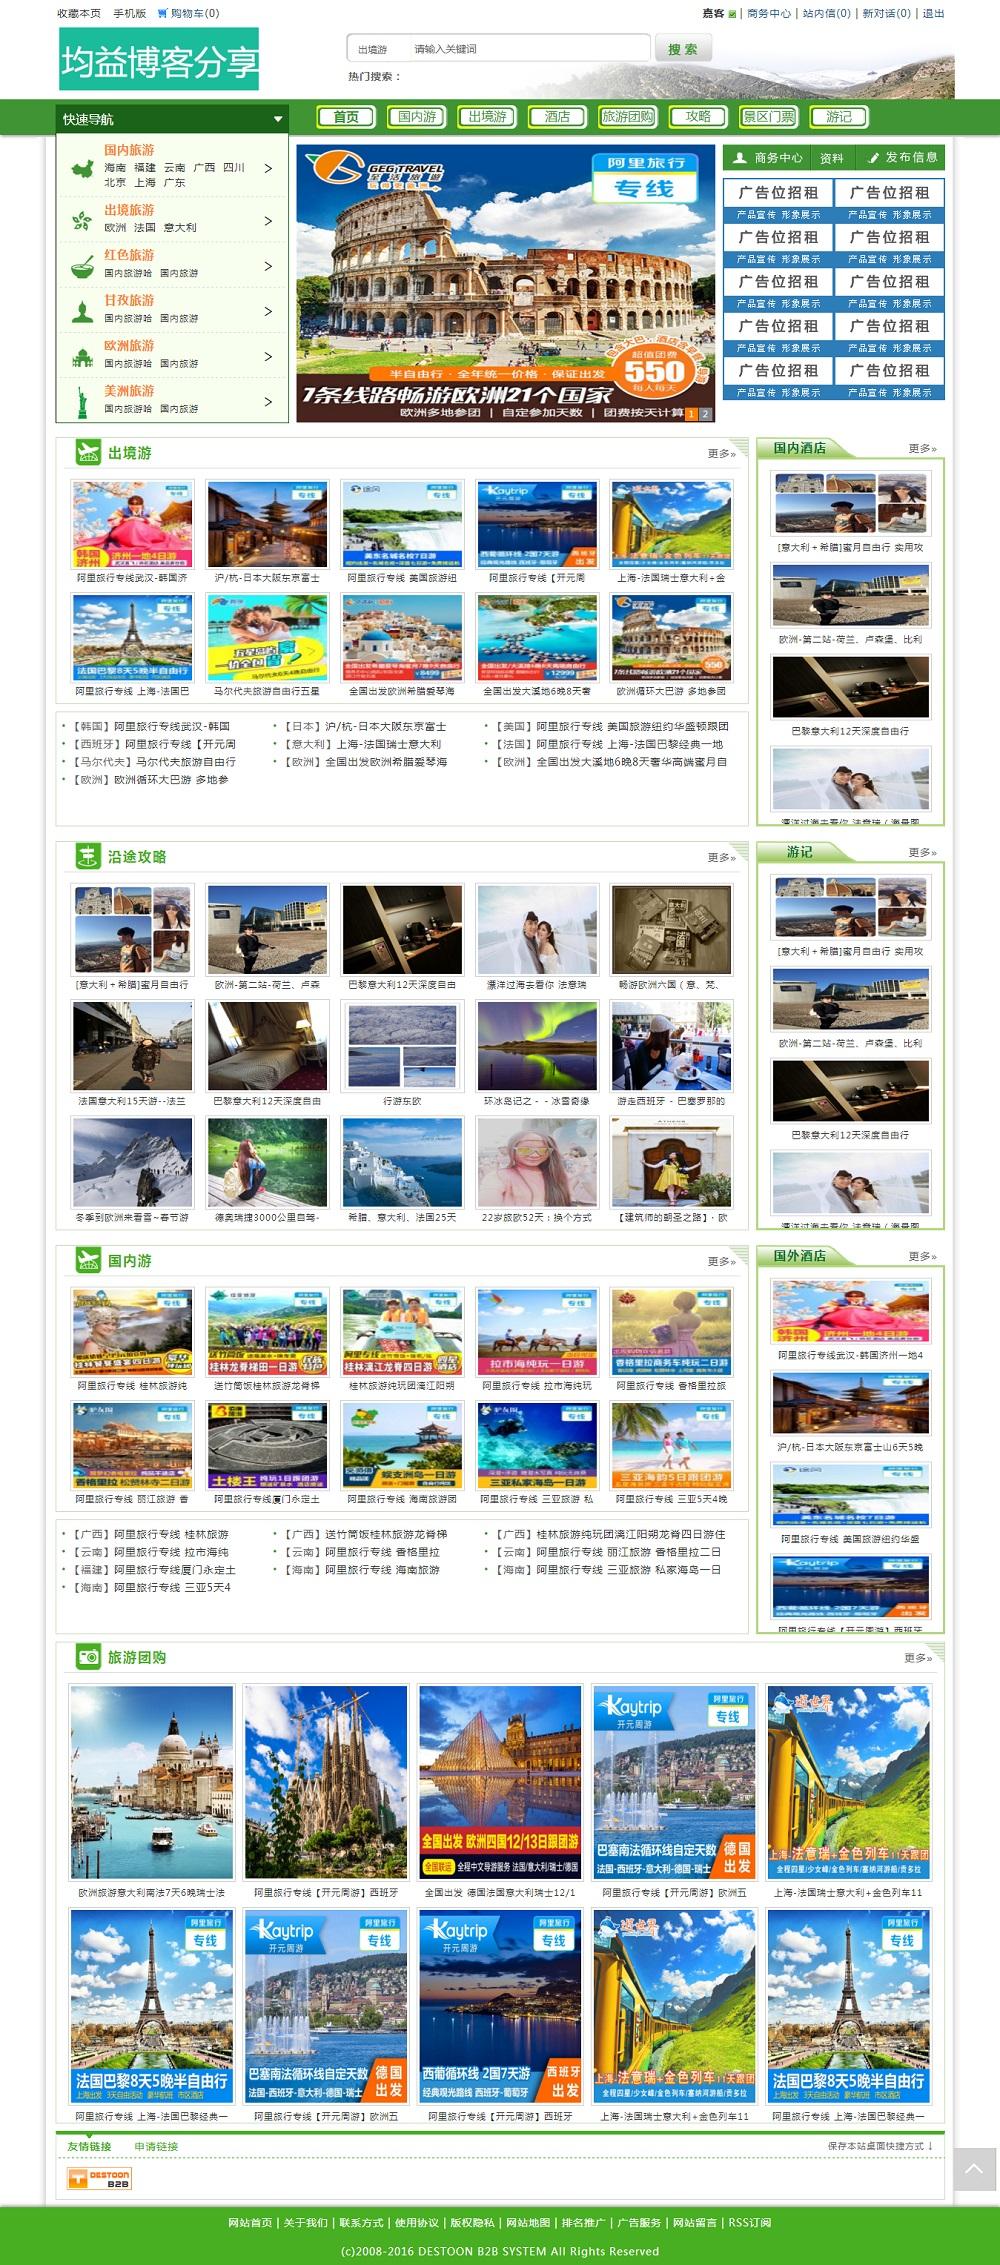 旅游行业信息平台网站模板destoon6